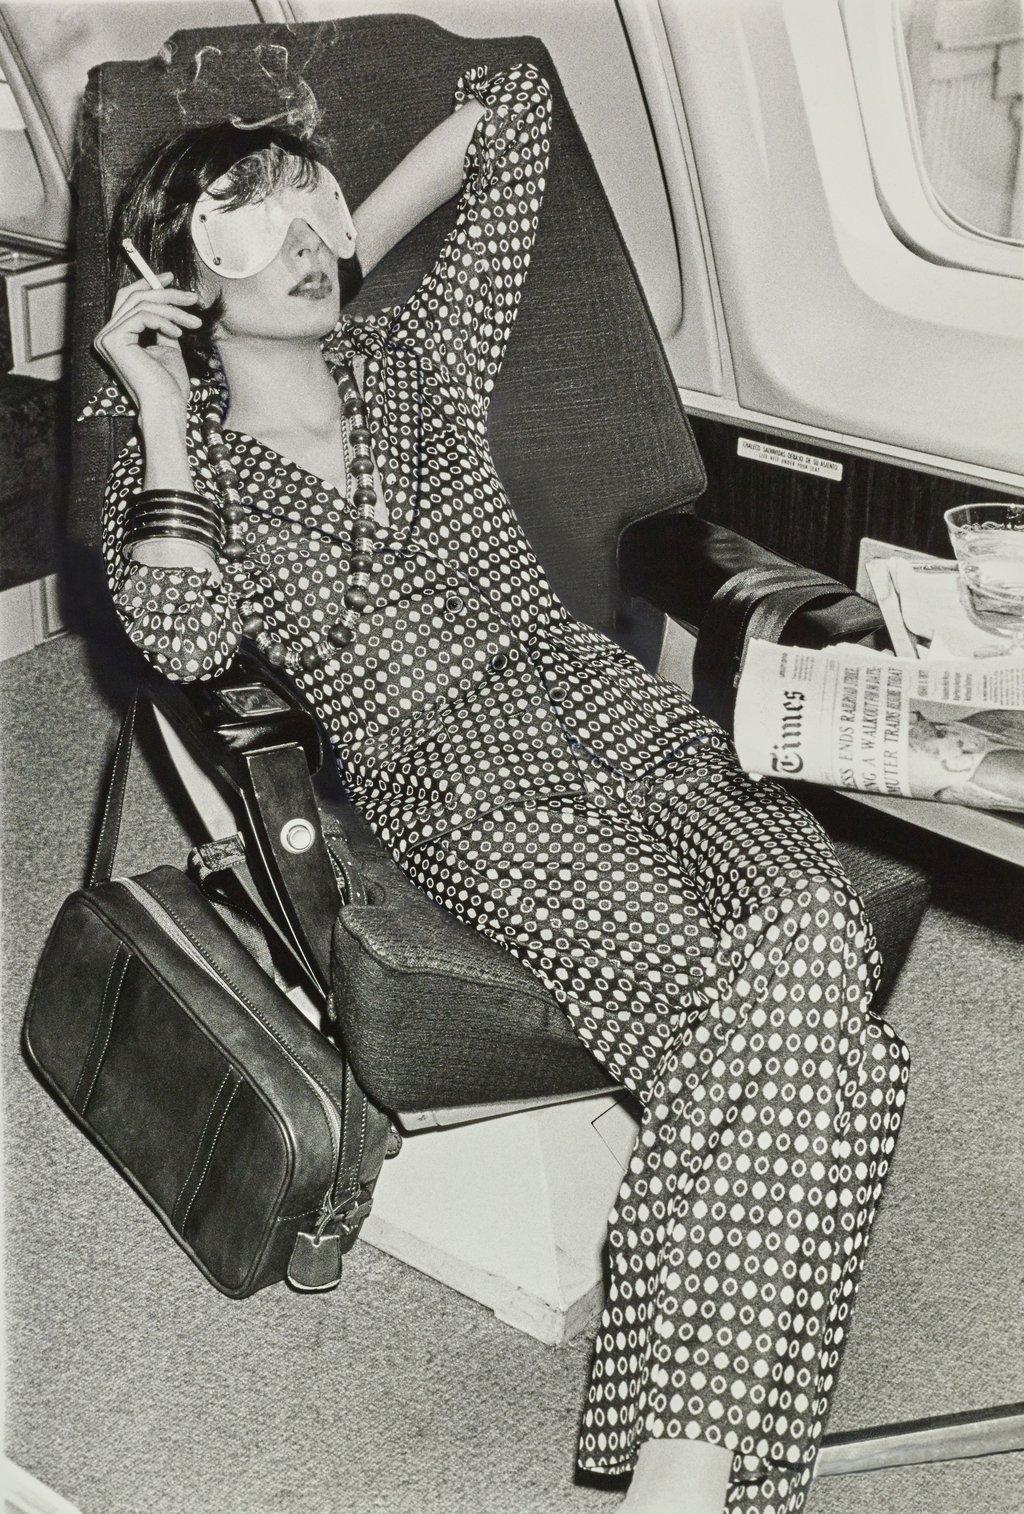 Model Smoking on Plane